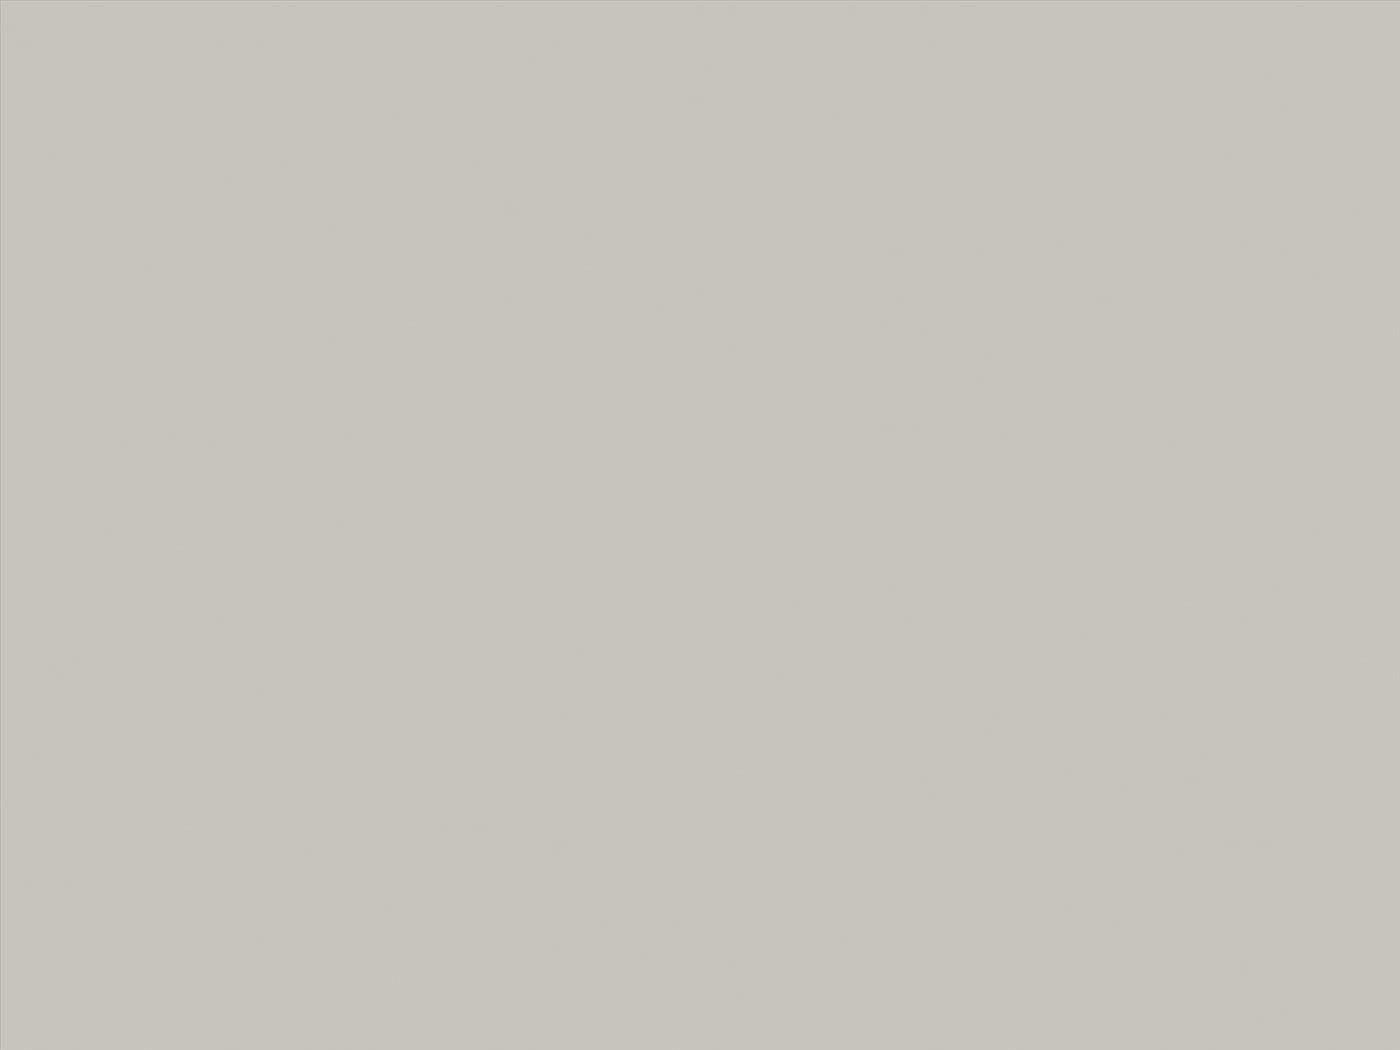 קוריאן pearl gray